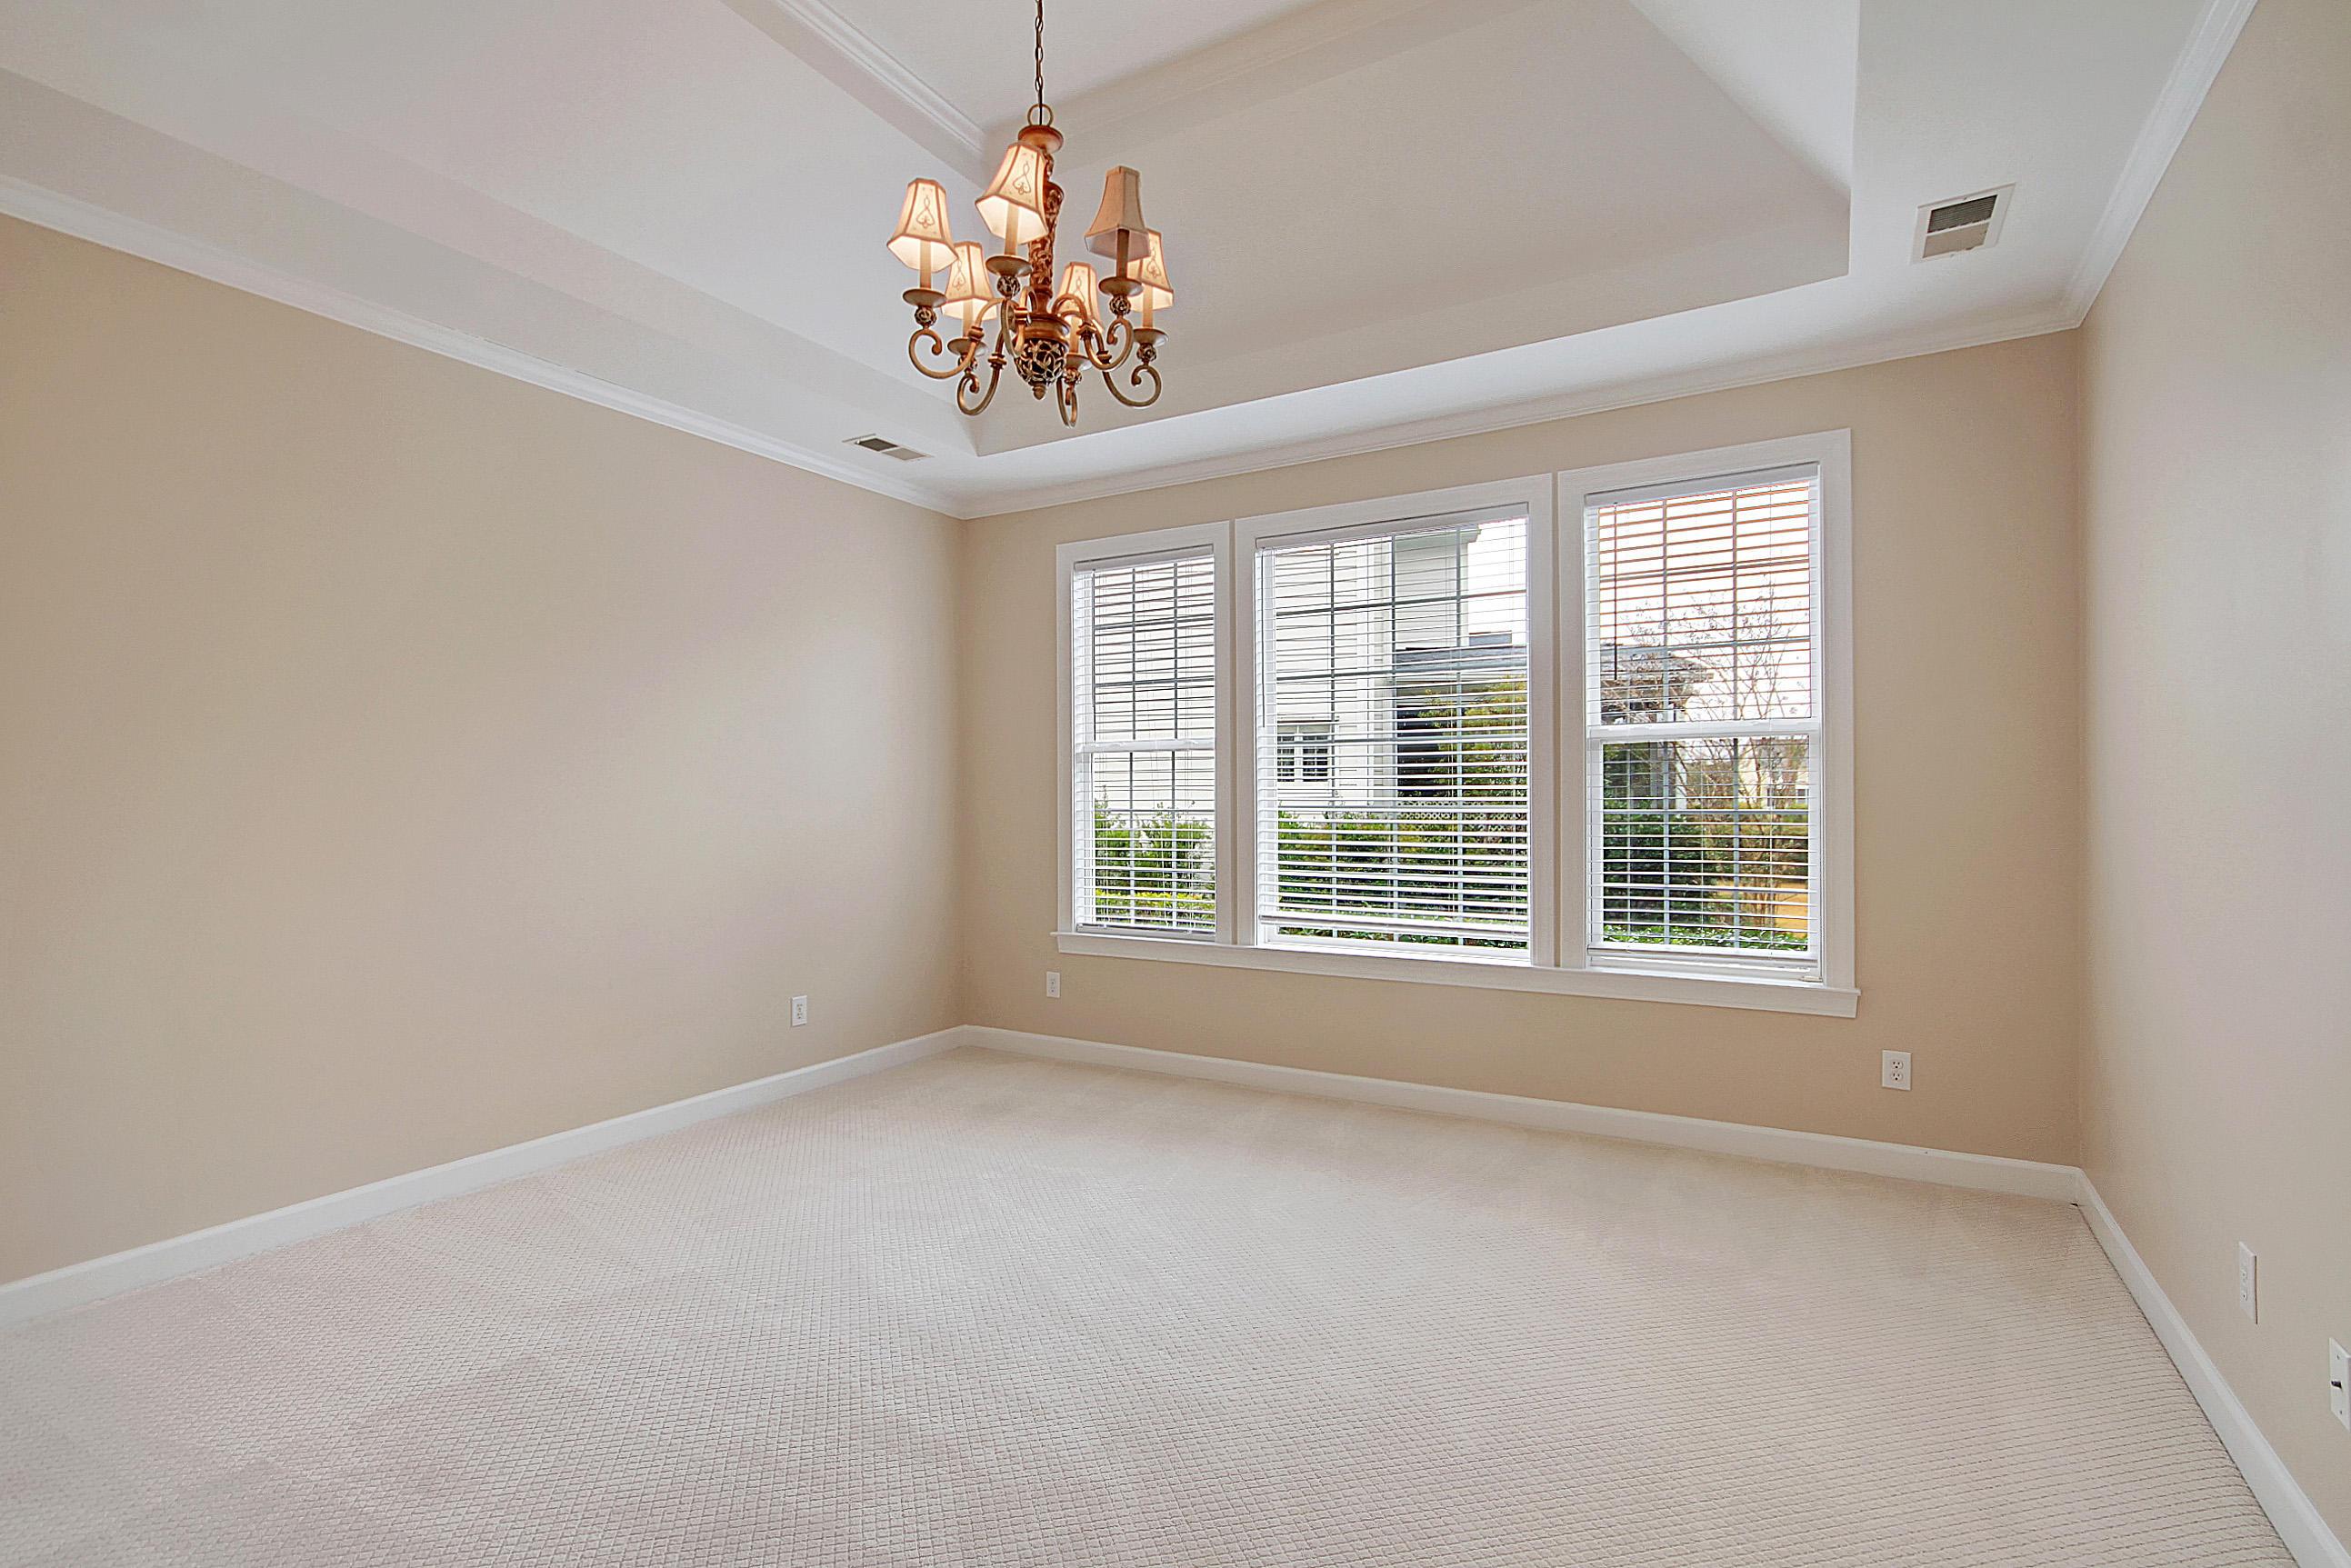 Dunes West Homes For Sale - 1501 Jacaranda, Mount Pleasant, SC - 11